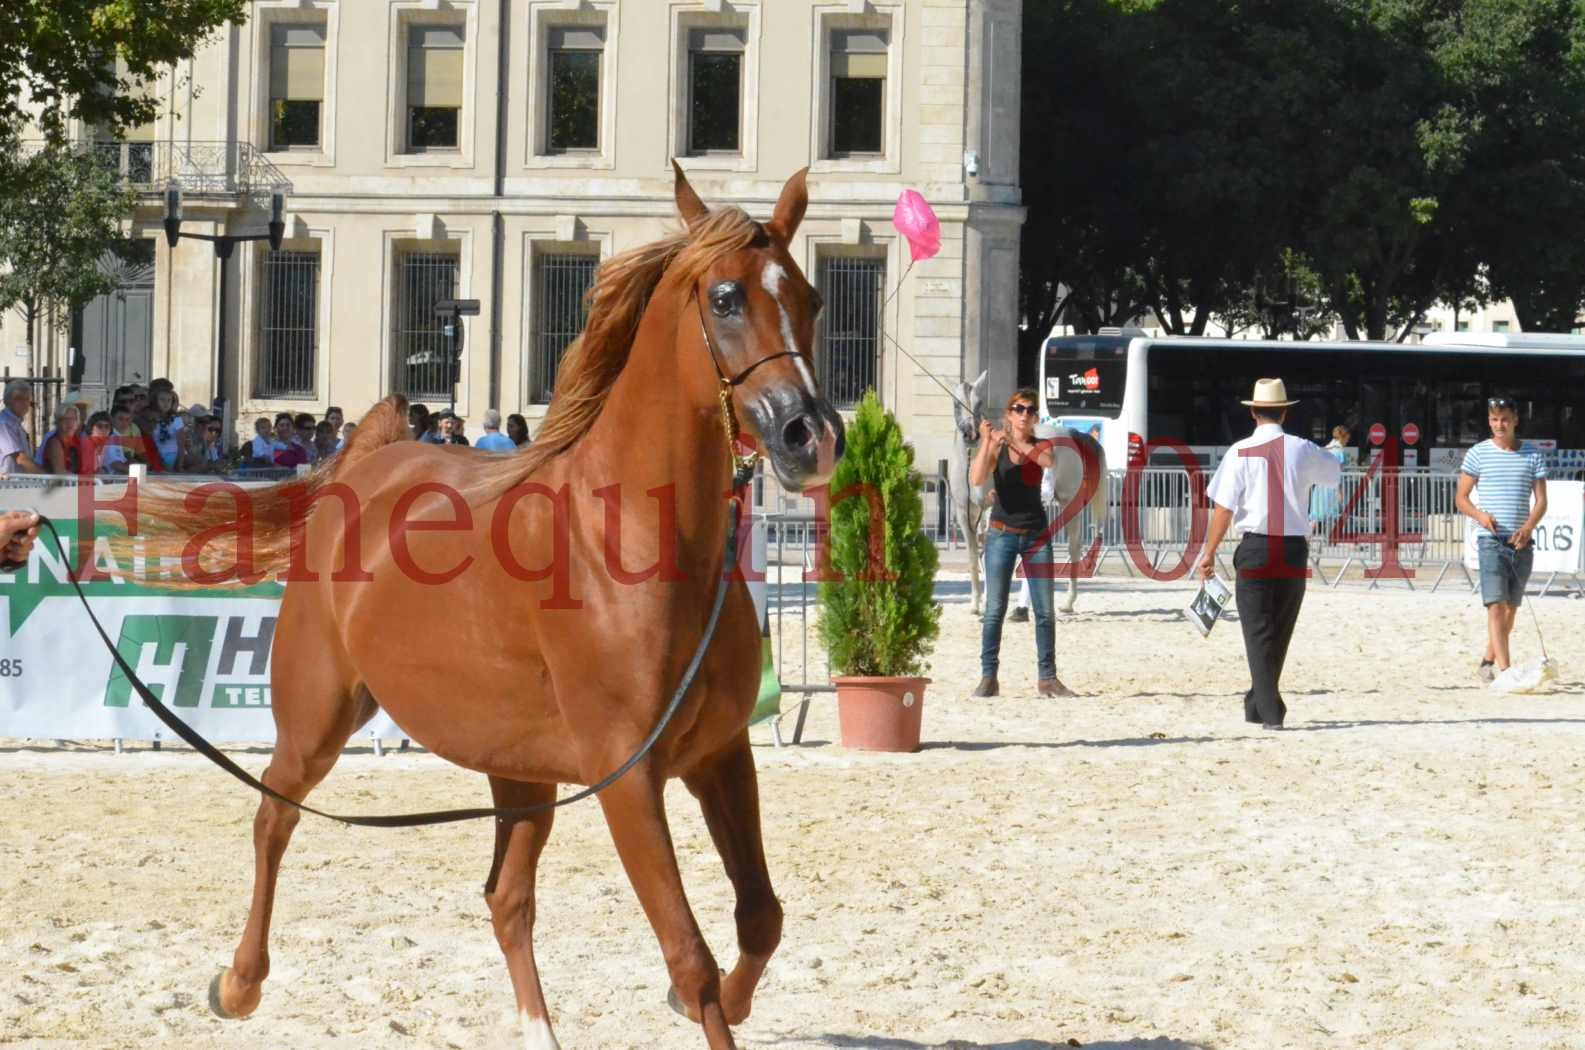 Concours National de Nîmes de chevaux ARABES 2014 - Championnat - MASSAI DE BARREL - 69